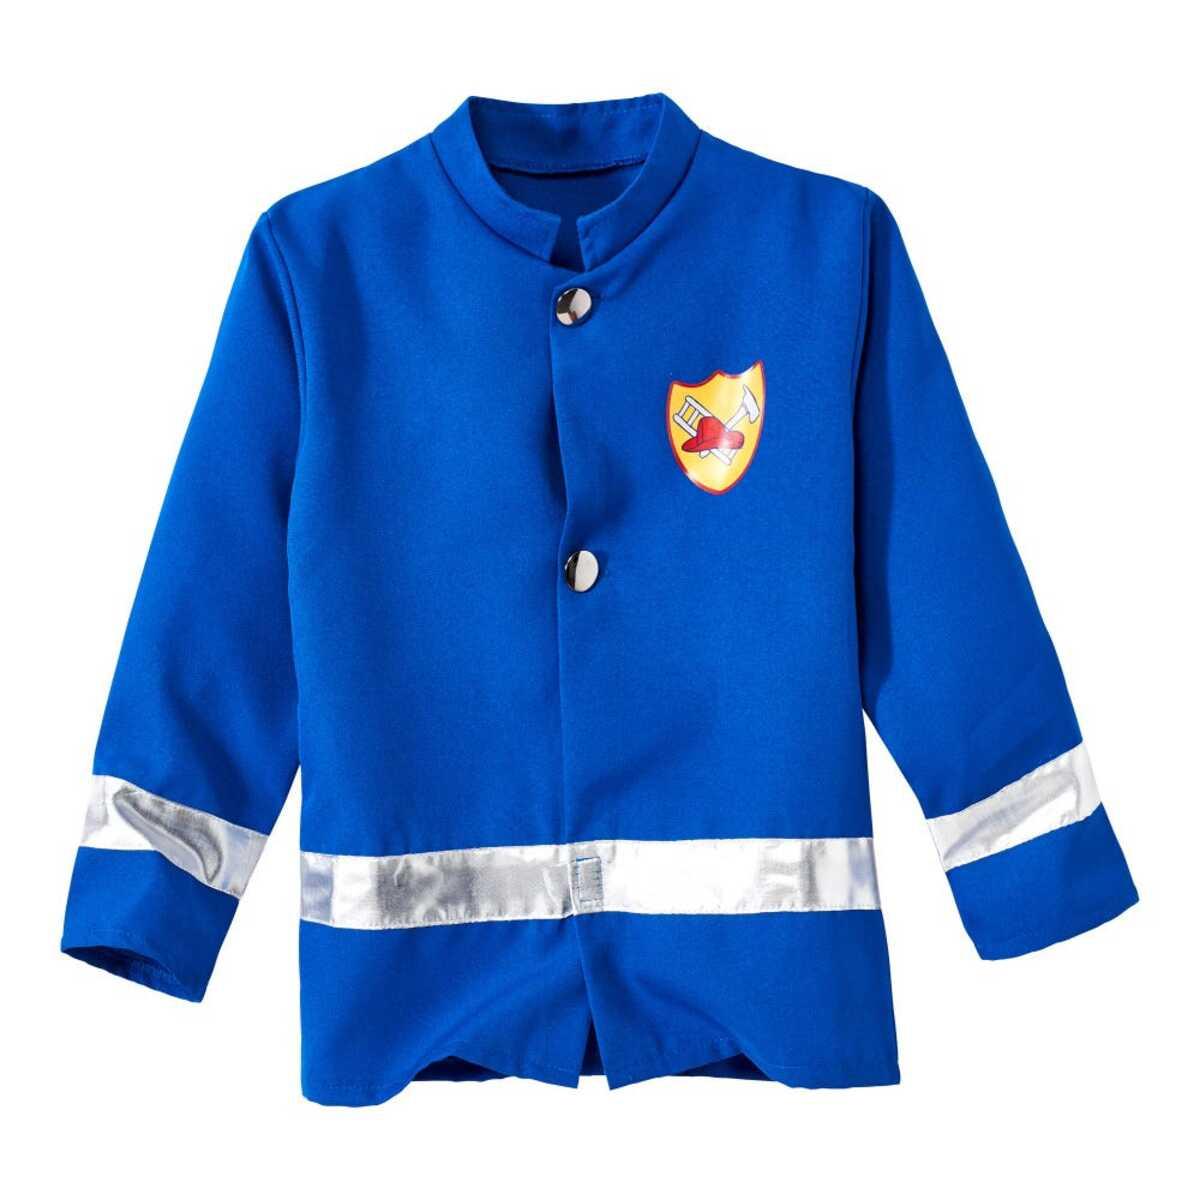 Bild 2 von Feuerwehrmann-Kostüm für Kinder, 3-teilig